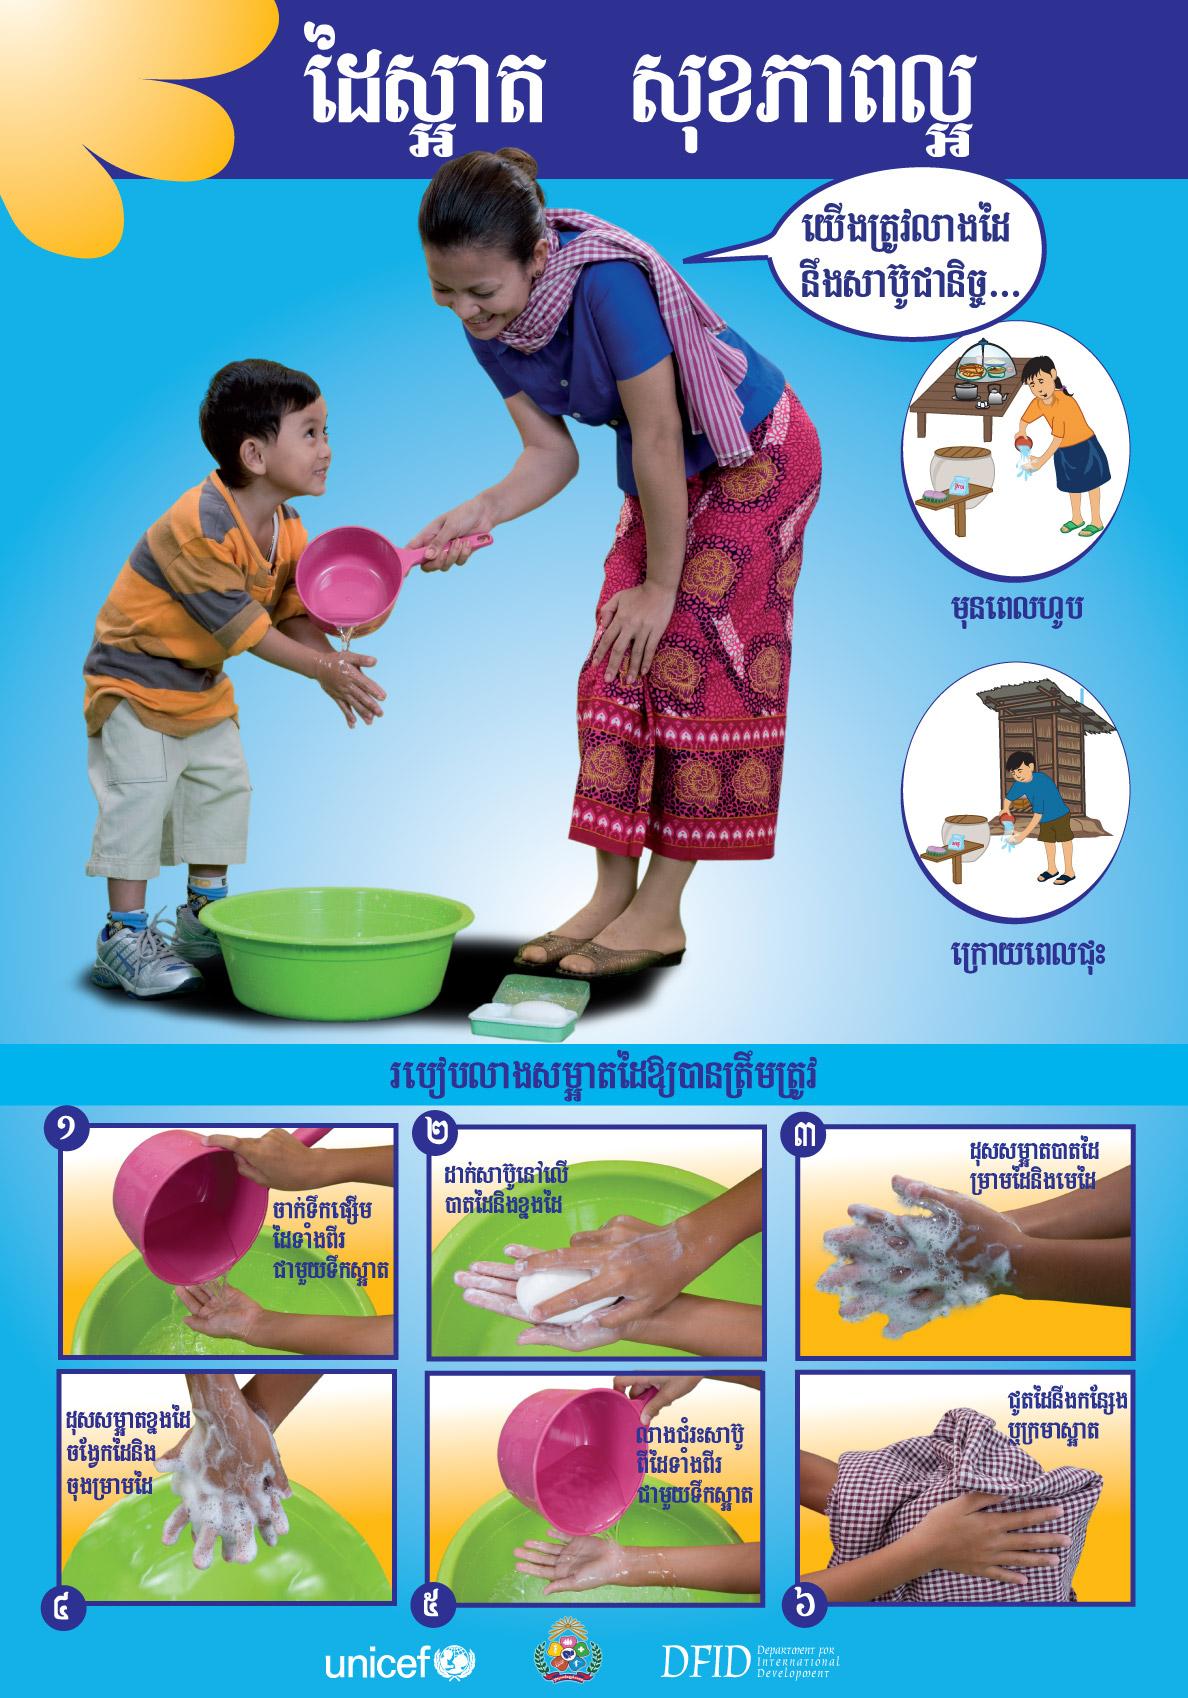 Ph M H Ng Ph C Washing Hand Poster